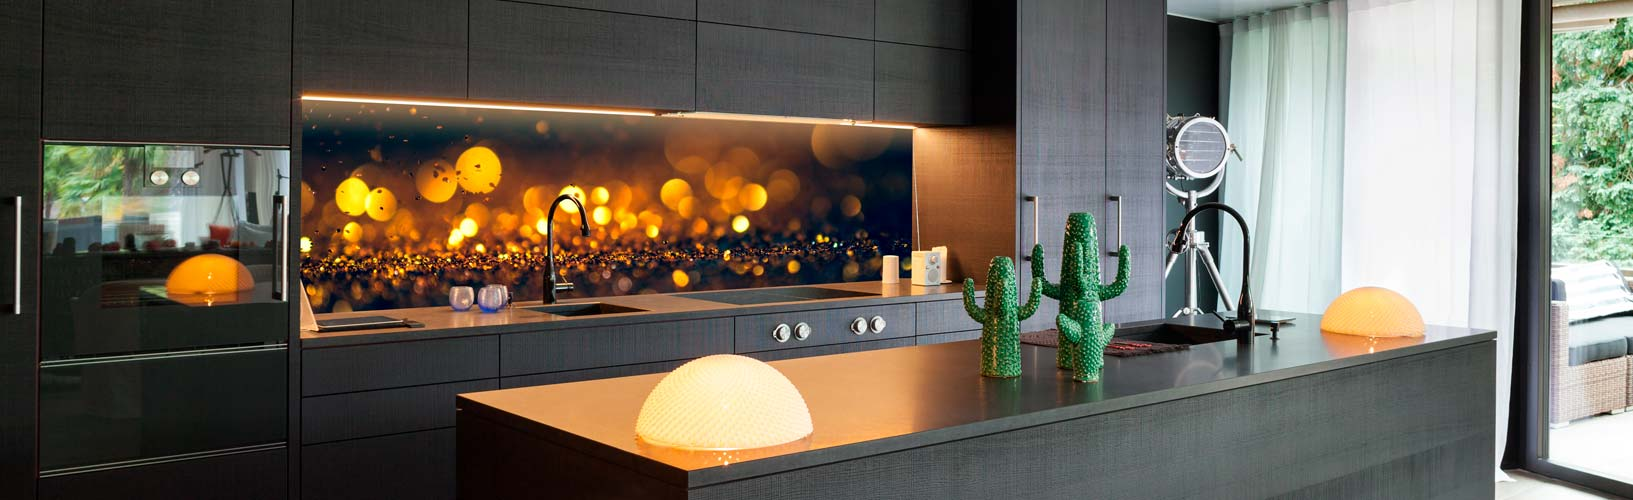 k chenr ckwand glas motiv 20 rabatt. Black Bedroom Furniture Sets. Home Design Ideas